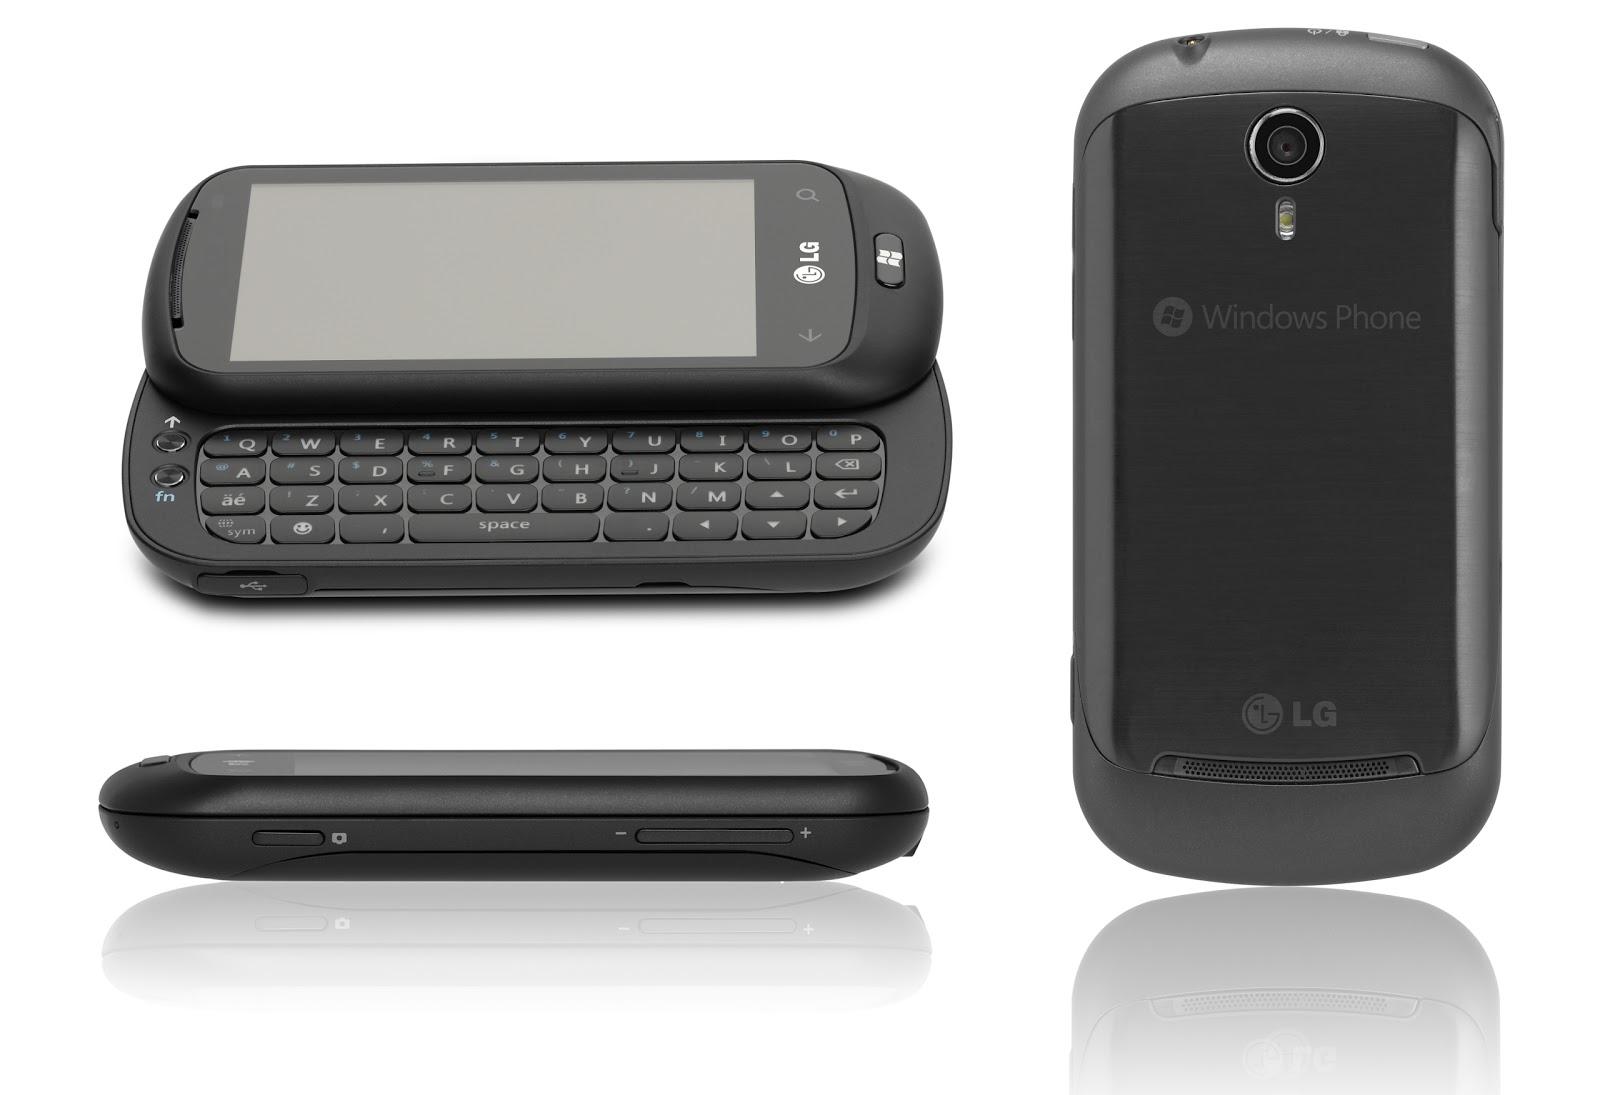 imagens para celular lg e300 - LG E300 Wink TV Celular Direto